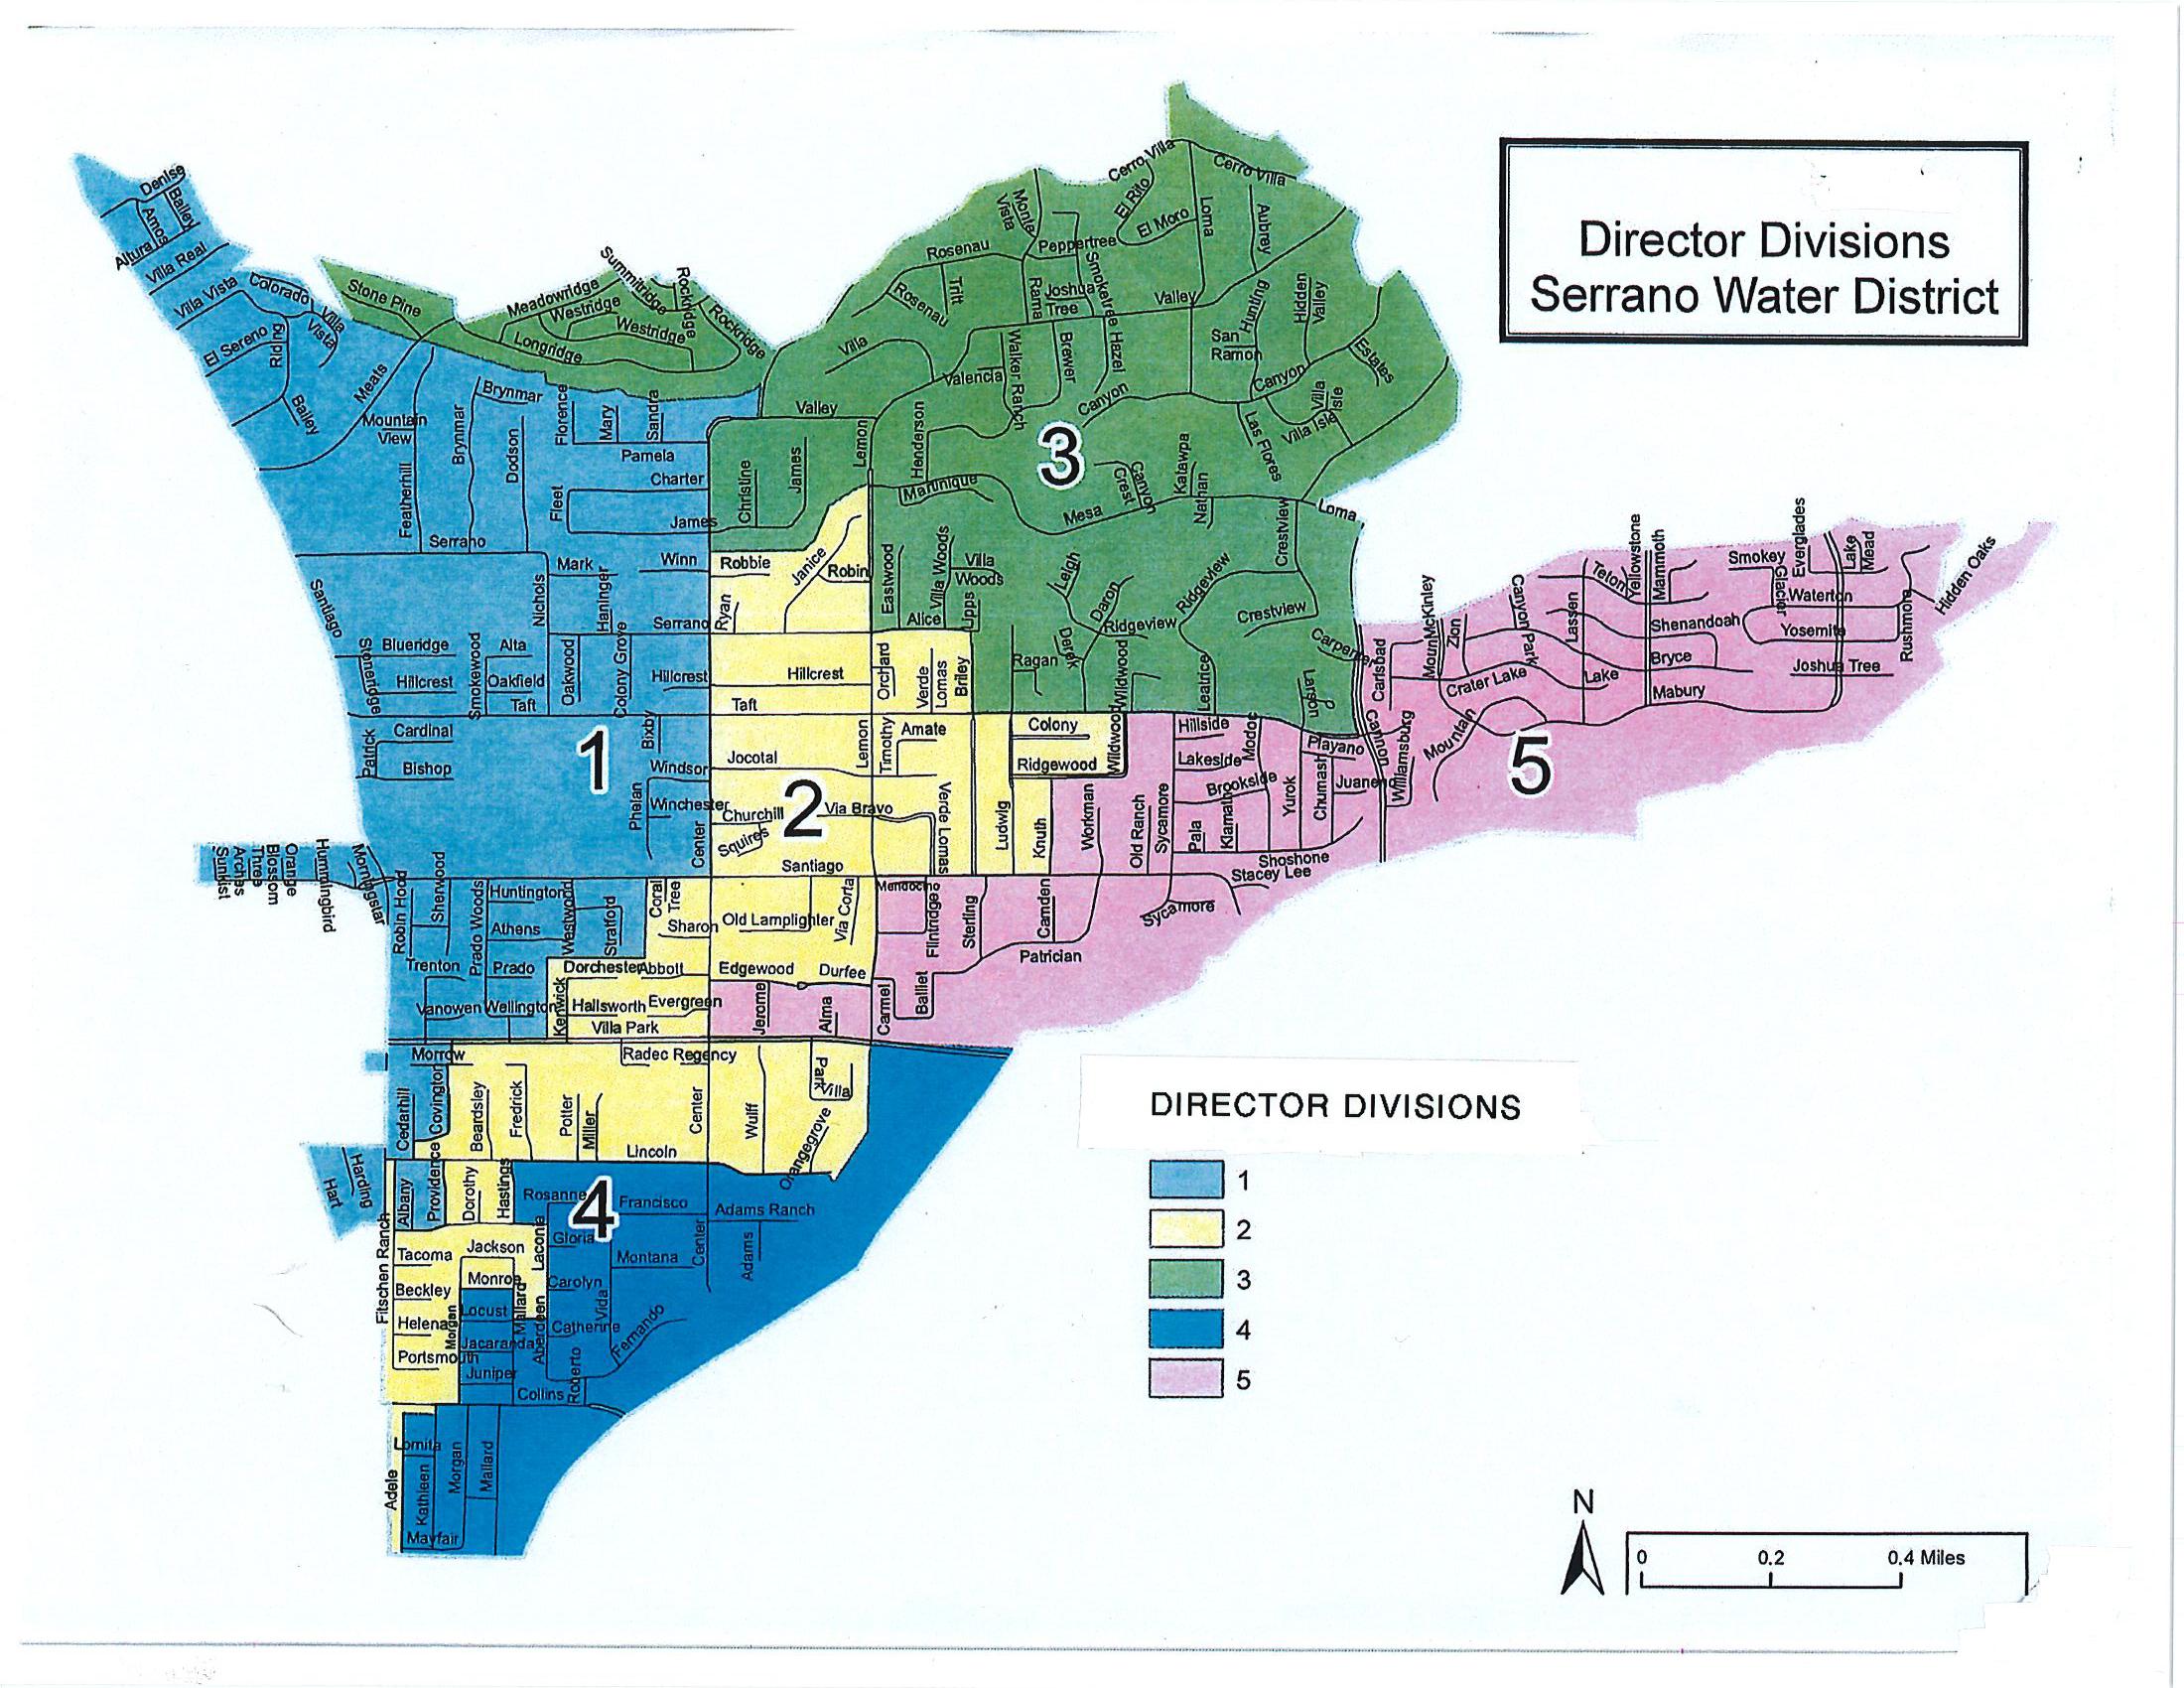 Serrano Water District